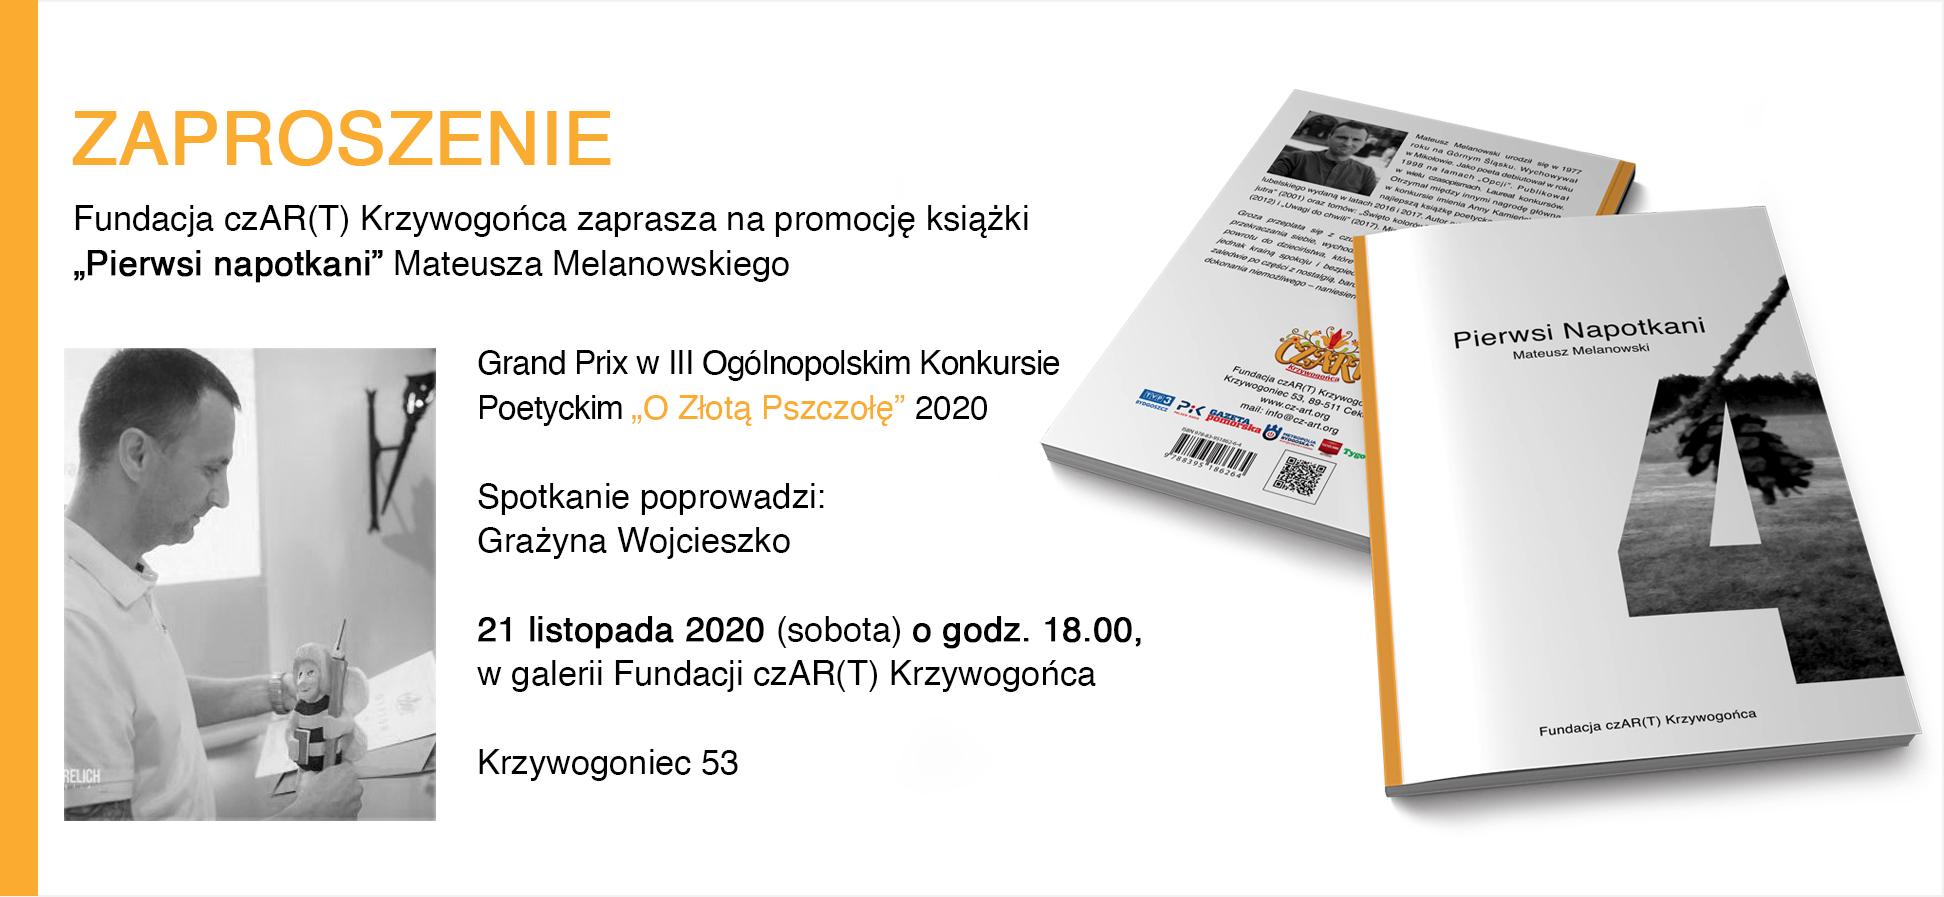 zaproszenie-21-11-2020-krzywogoniec